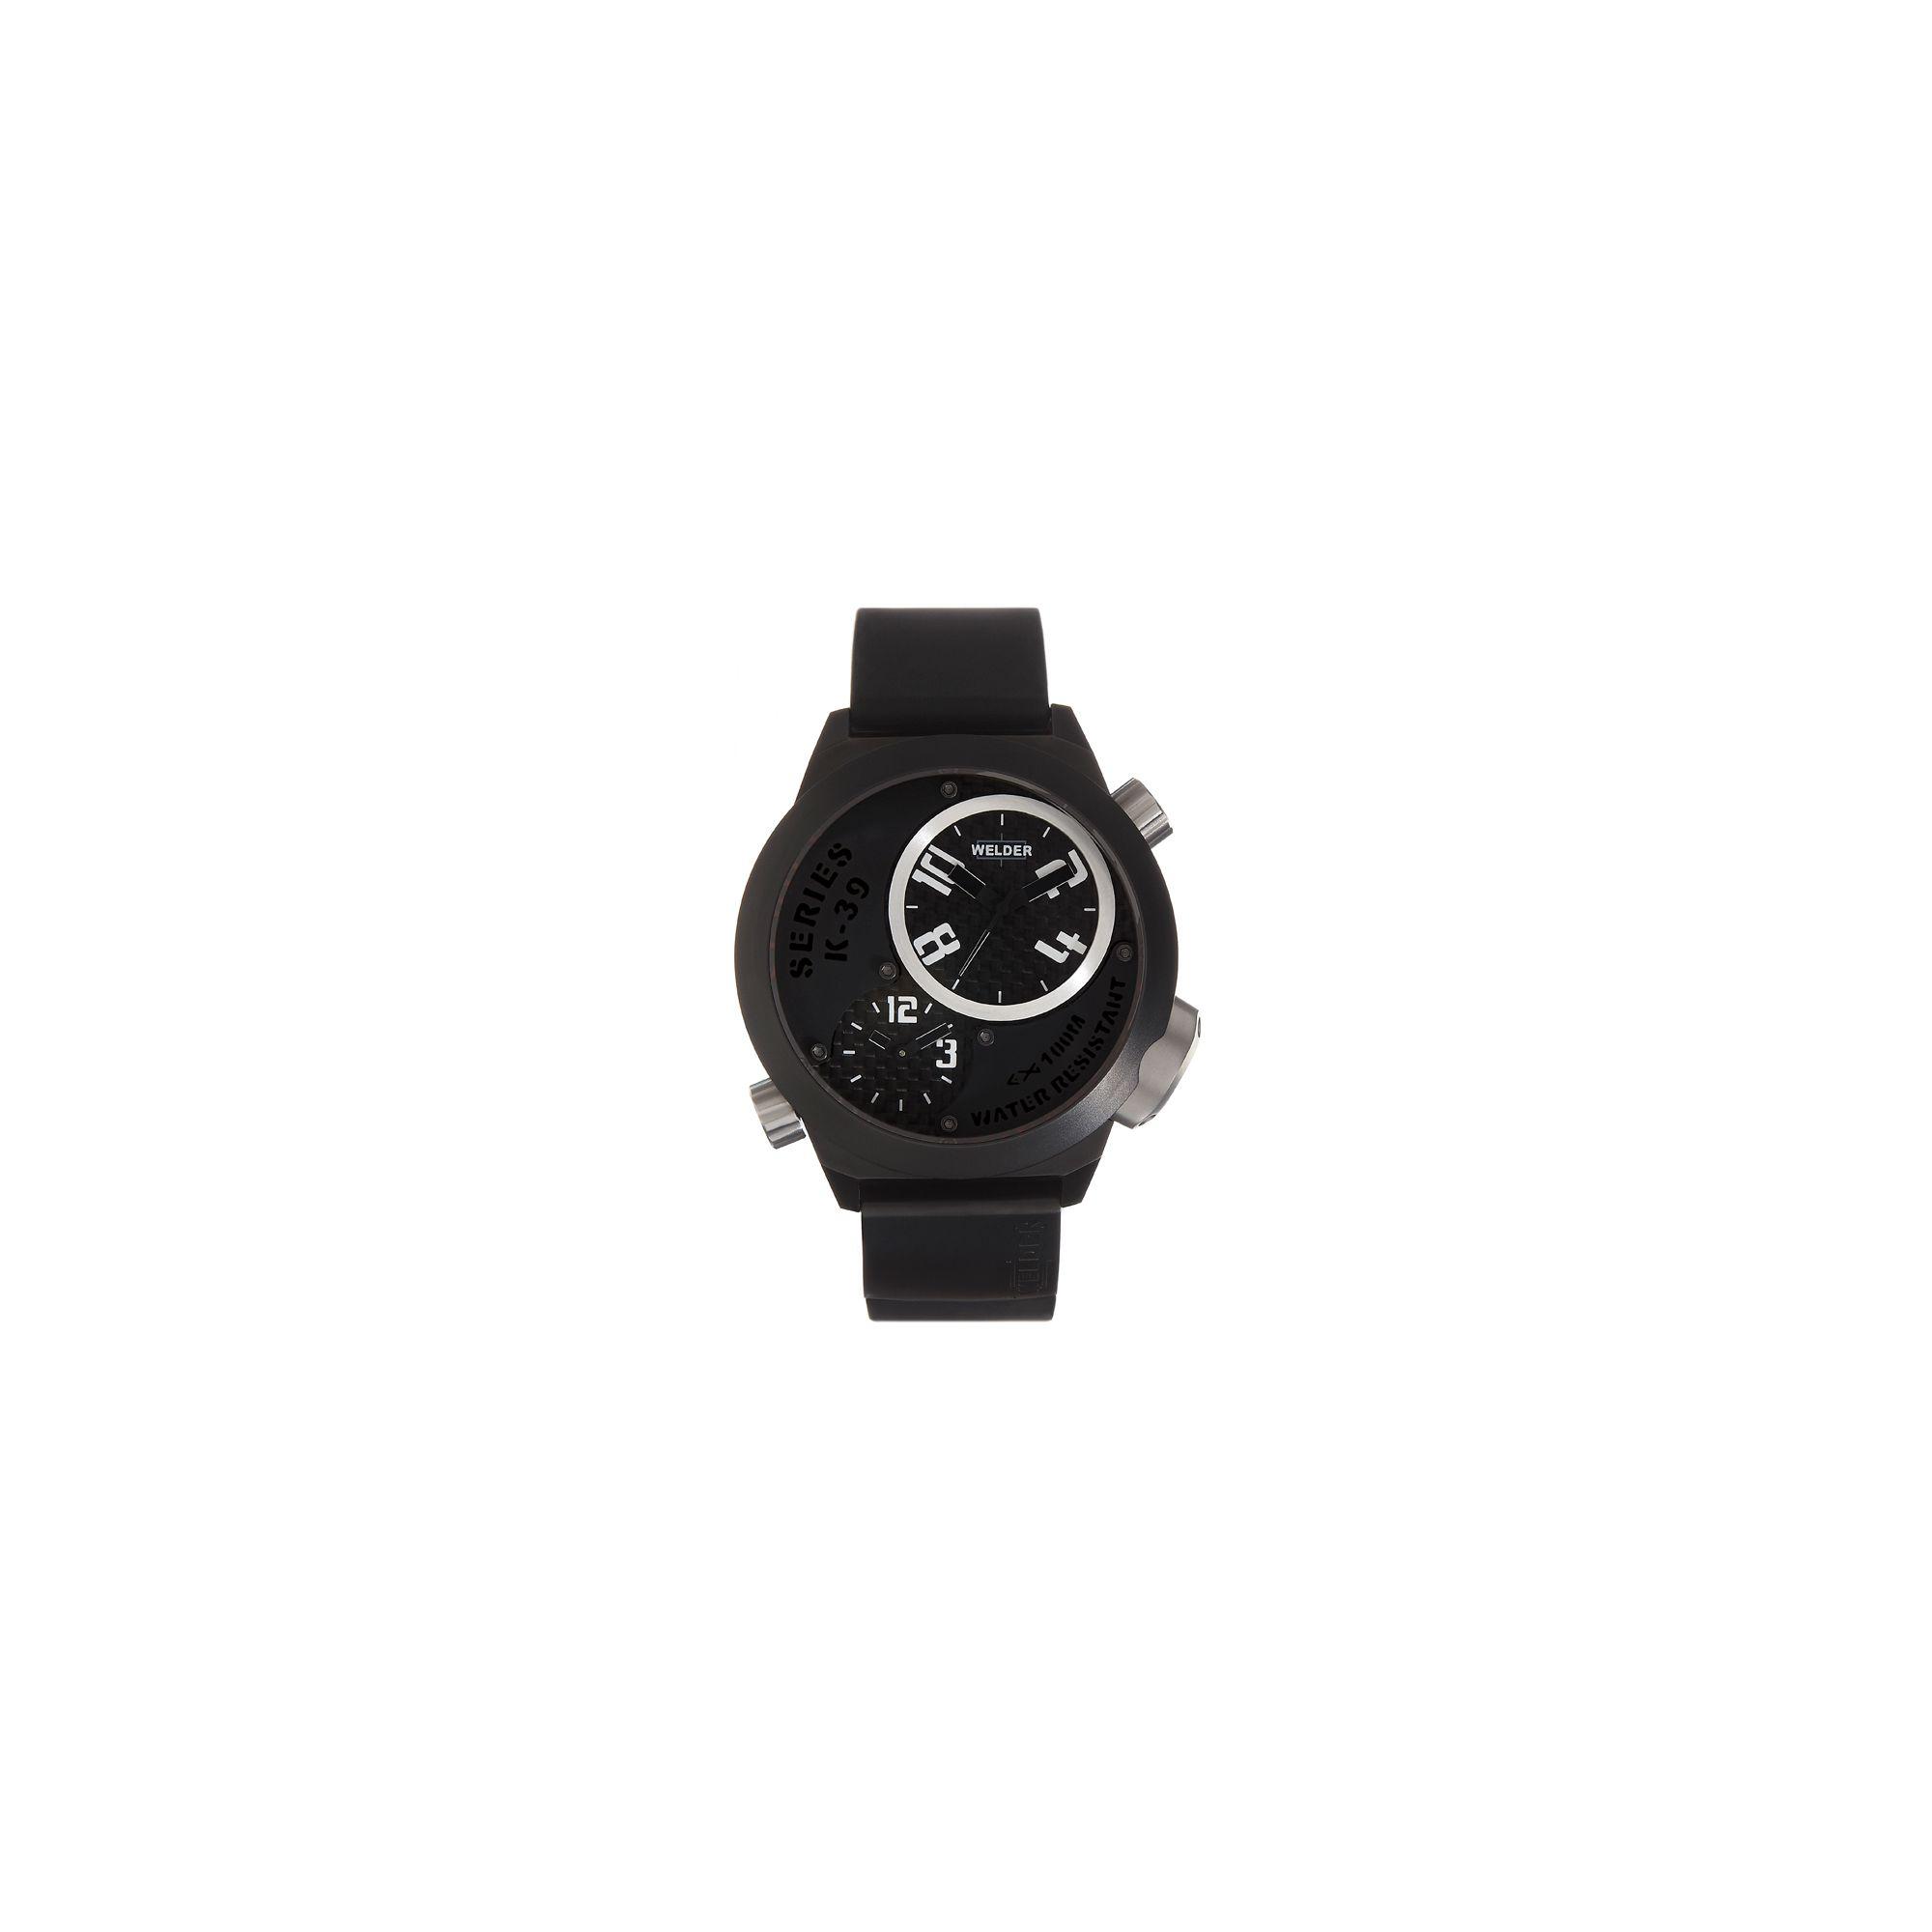 Welder Gents Black Dial Black Rubber Strap K32-9202 at Tesco Direct